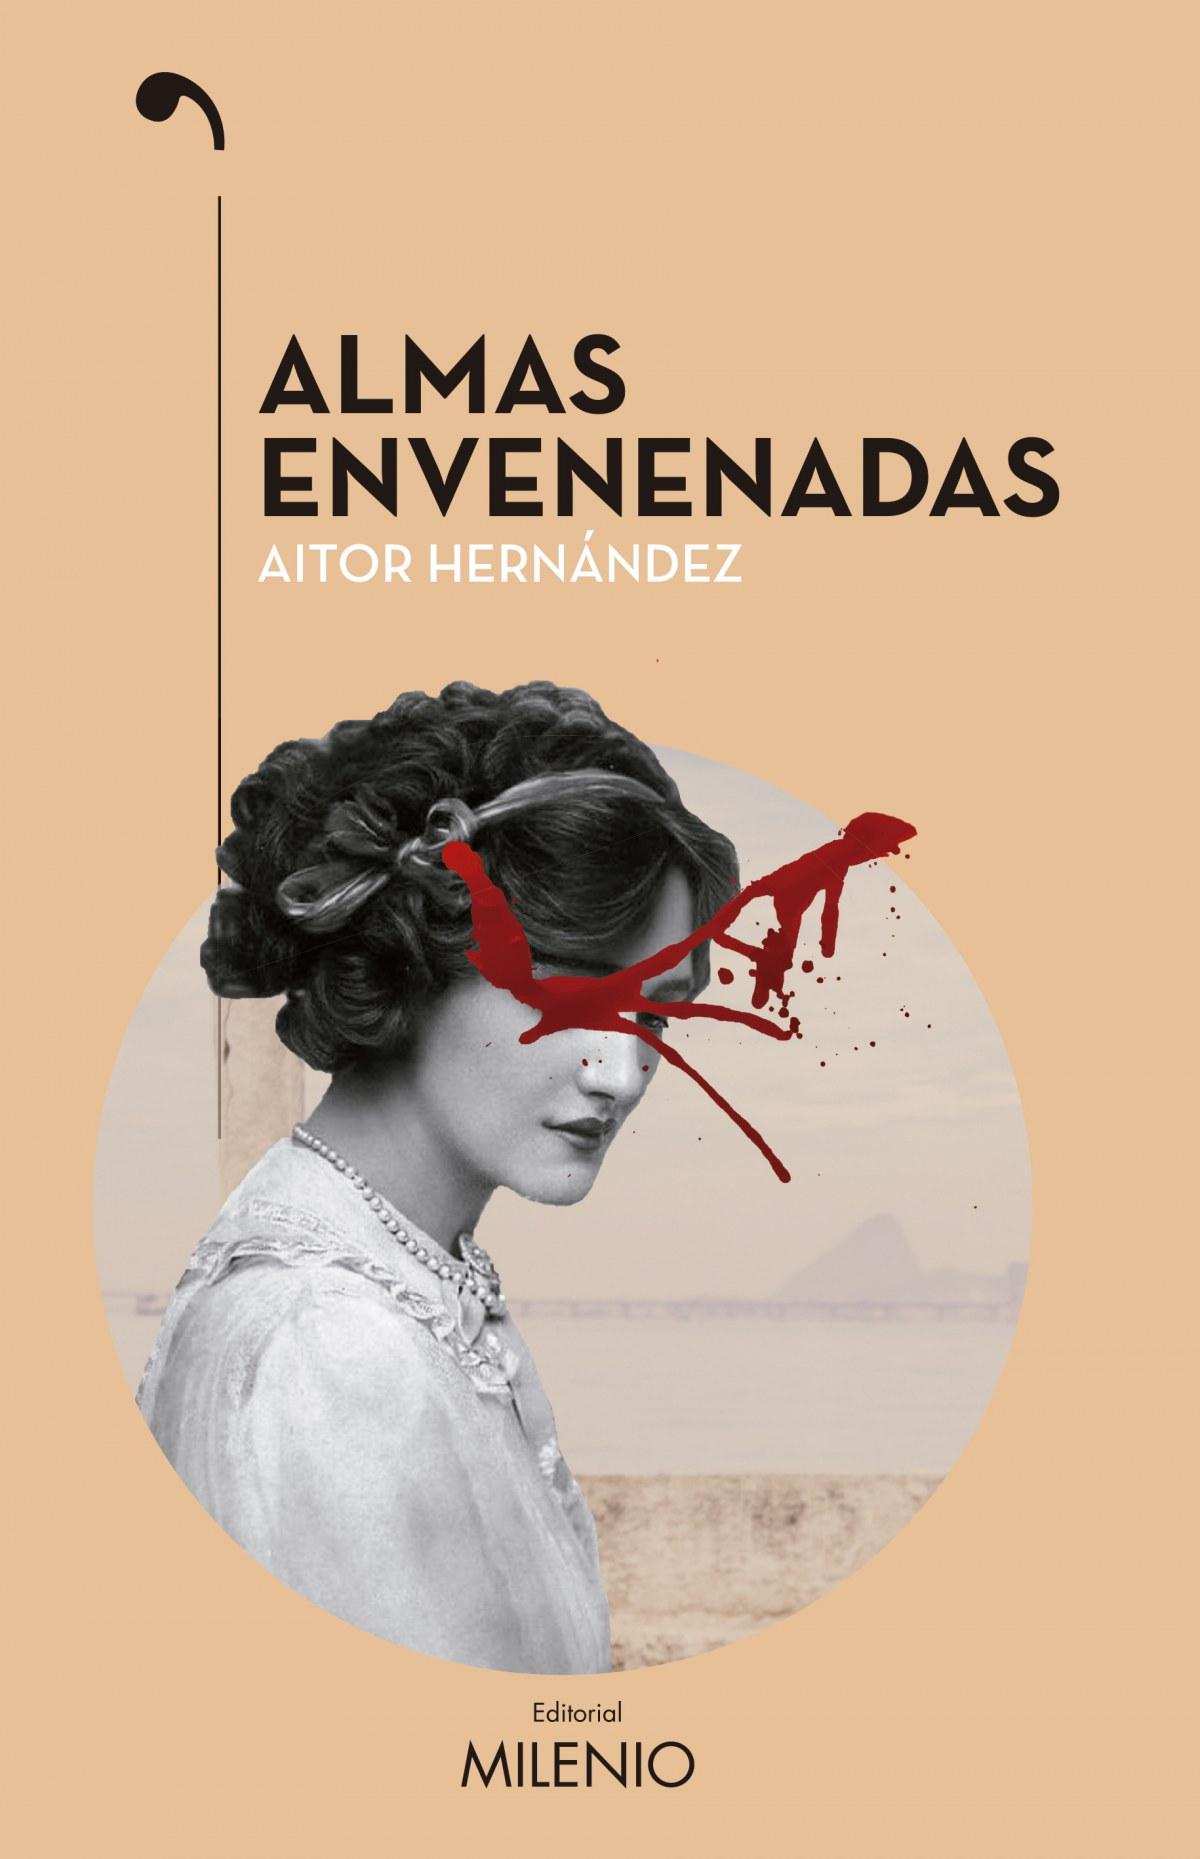 ALMAS ENVENEDADAS